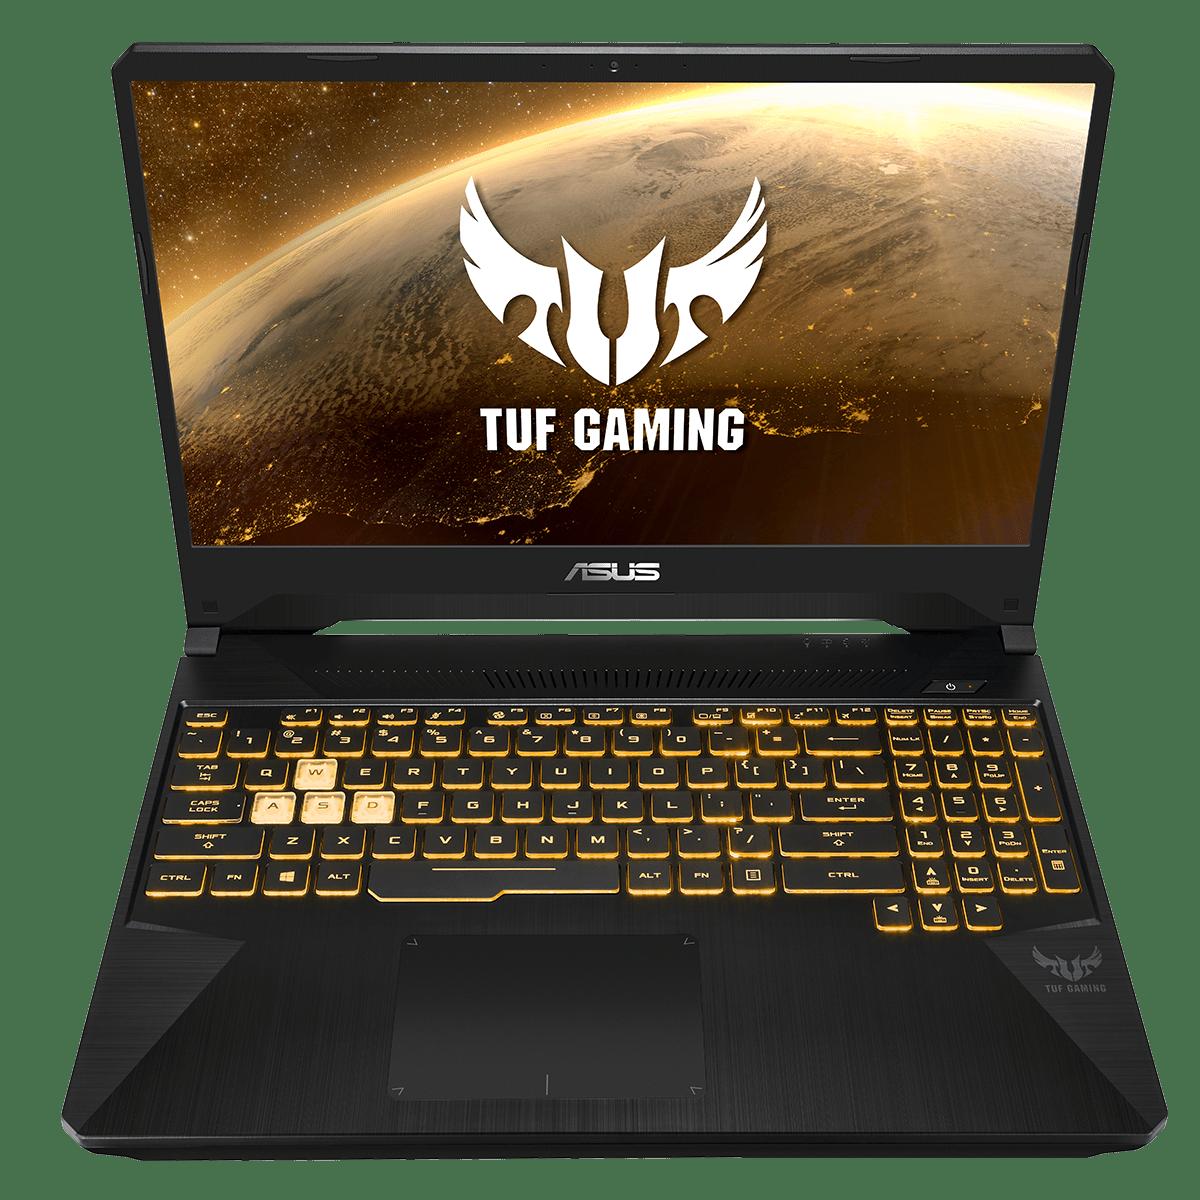 ASUS TUF505DU-KB71 Gaming Laptop